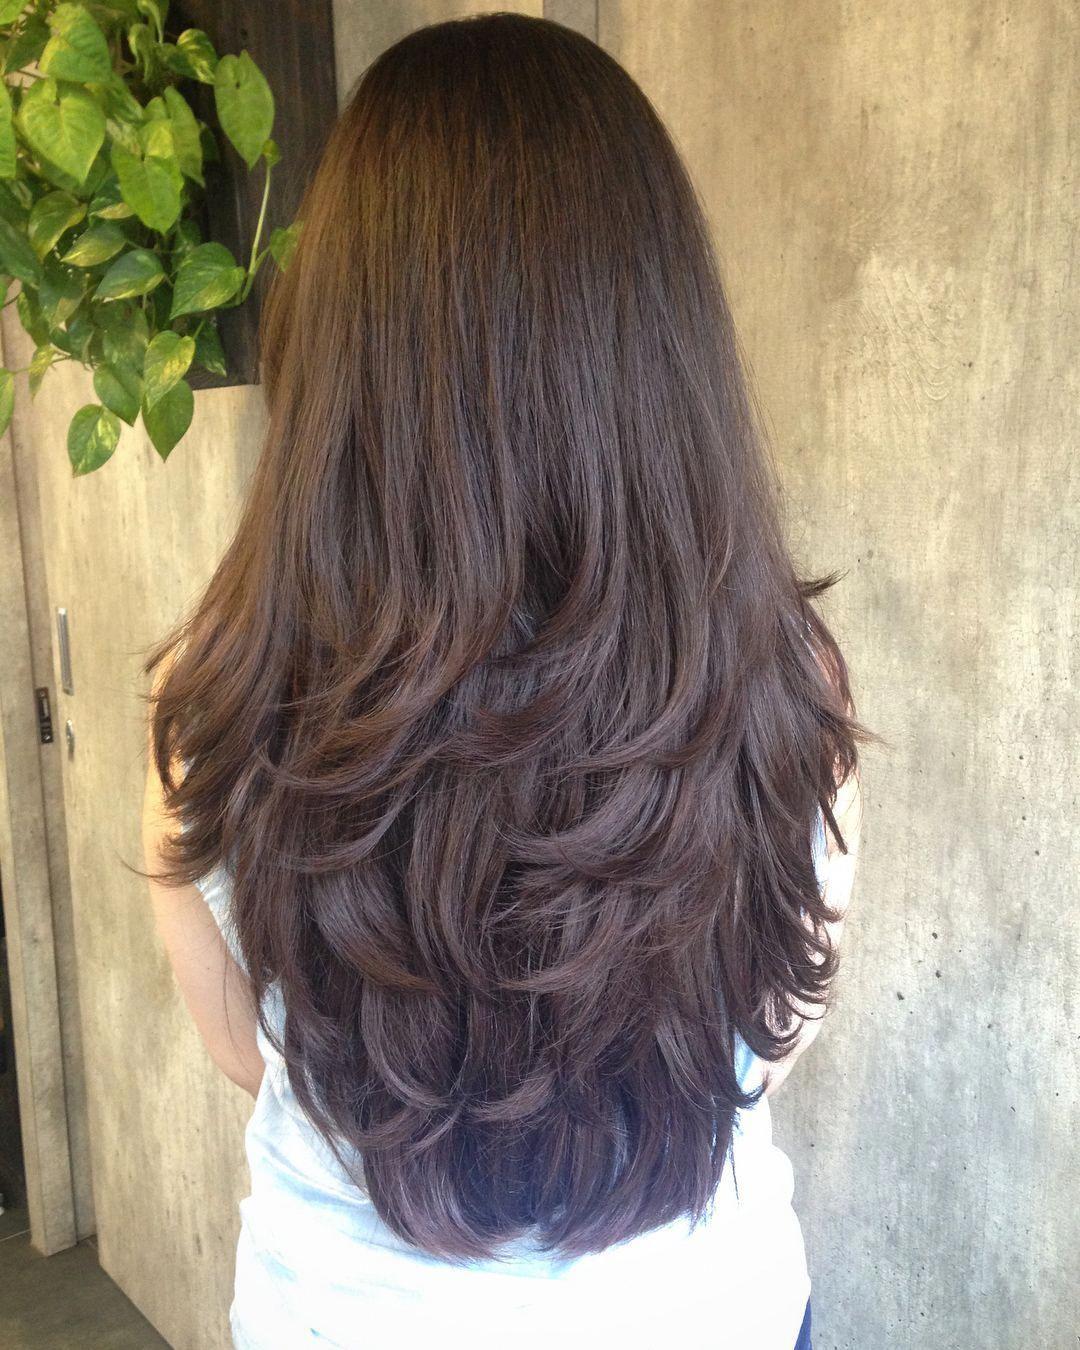 Long Hair Maketh Long Layers Haircutsforwomen Haircut Hair Longhair Layersandlayers Layersla Long Hair Styles Long Layered Hair Wavy Long Layered Hair